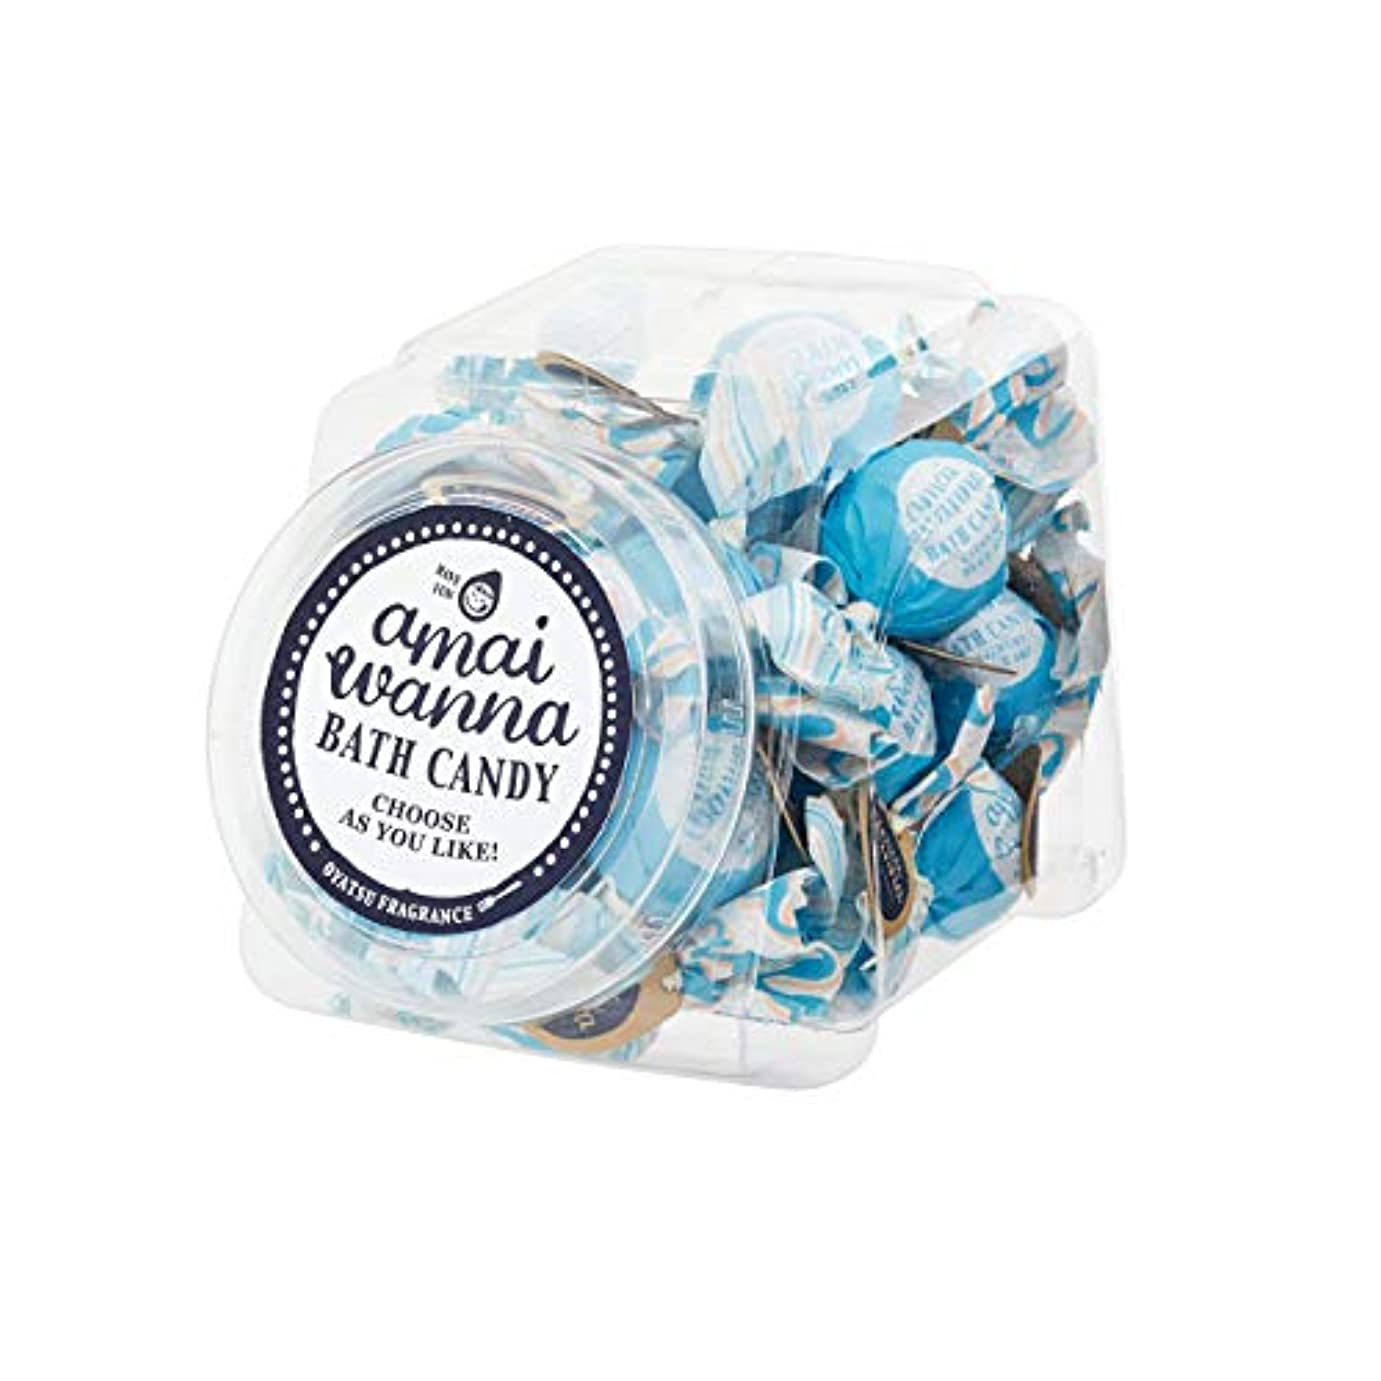 良さ踏みつけ地域アマイワナSP バスキャンディーポットセット24粒入り(青空シトラス バスギフト キャンディーの形の入浴料 大人可愛い)